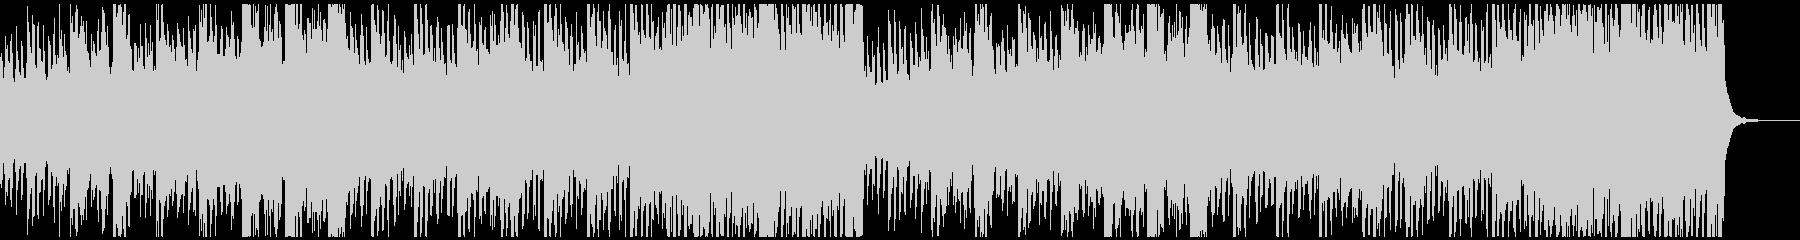 オーケストラ/ピッコロの優しいメロディの未再生の波形